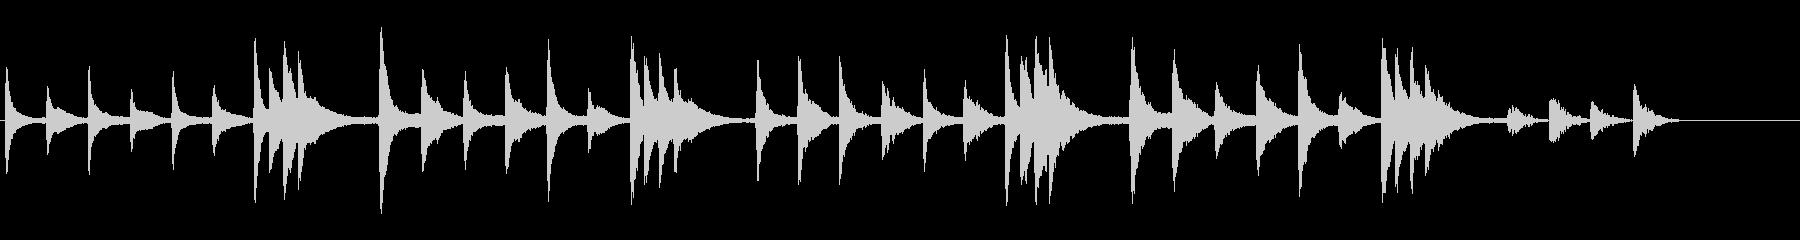 静寂なイメージピアノ曲の未再生の波形